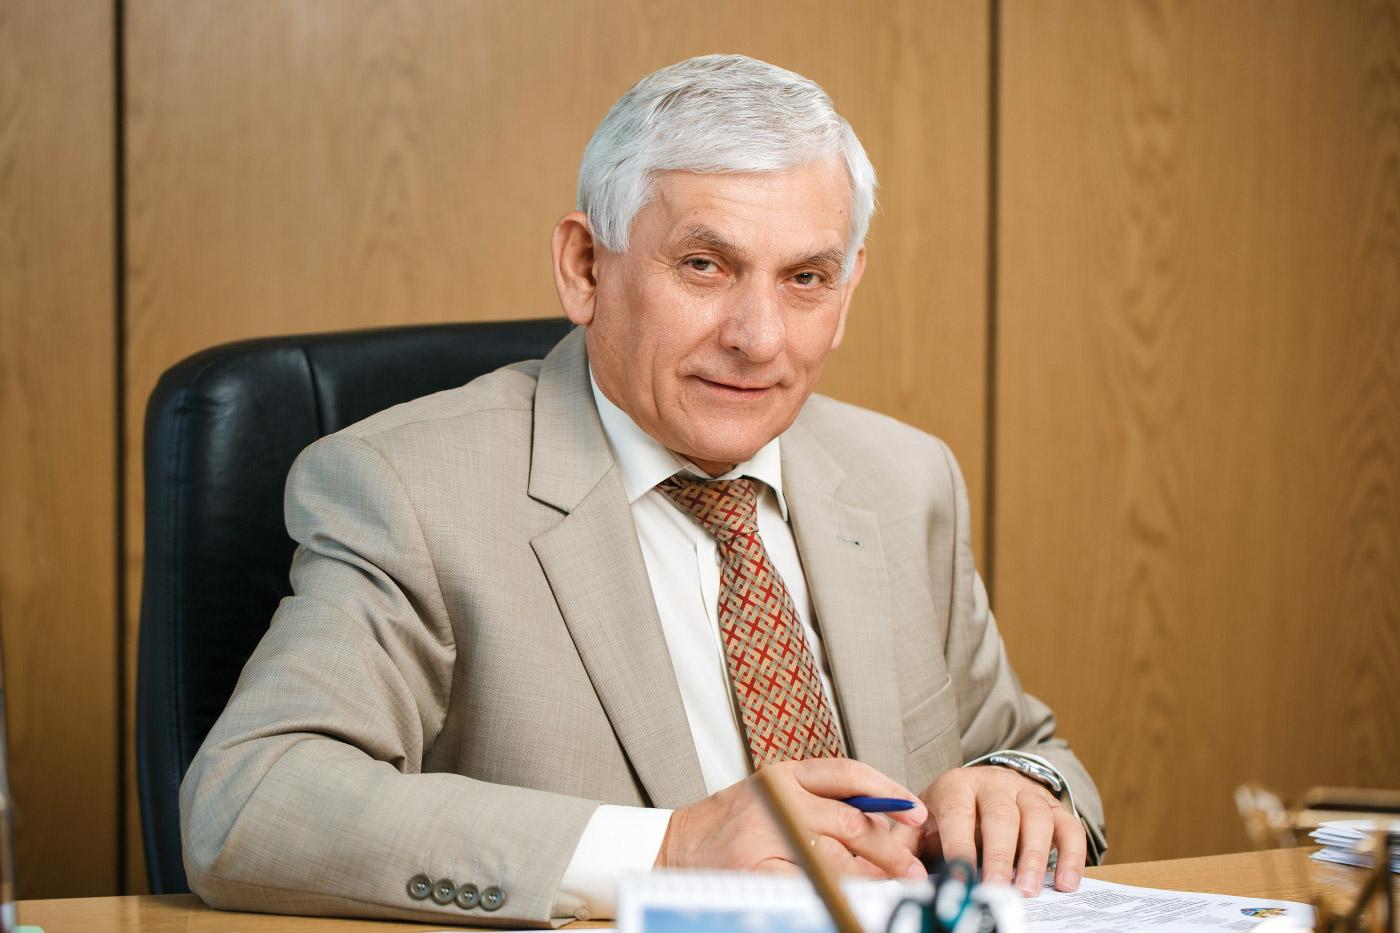 Ректор університету нафти і газу розповів про виклики дистанційного навчання для технічних спеціальностей (ВІДЕО)